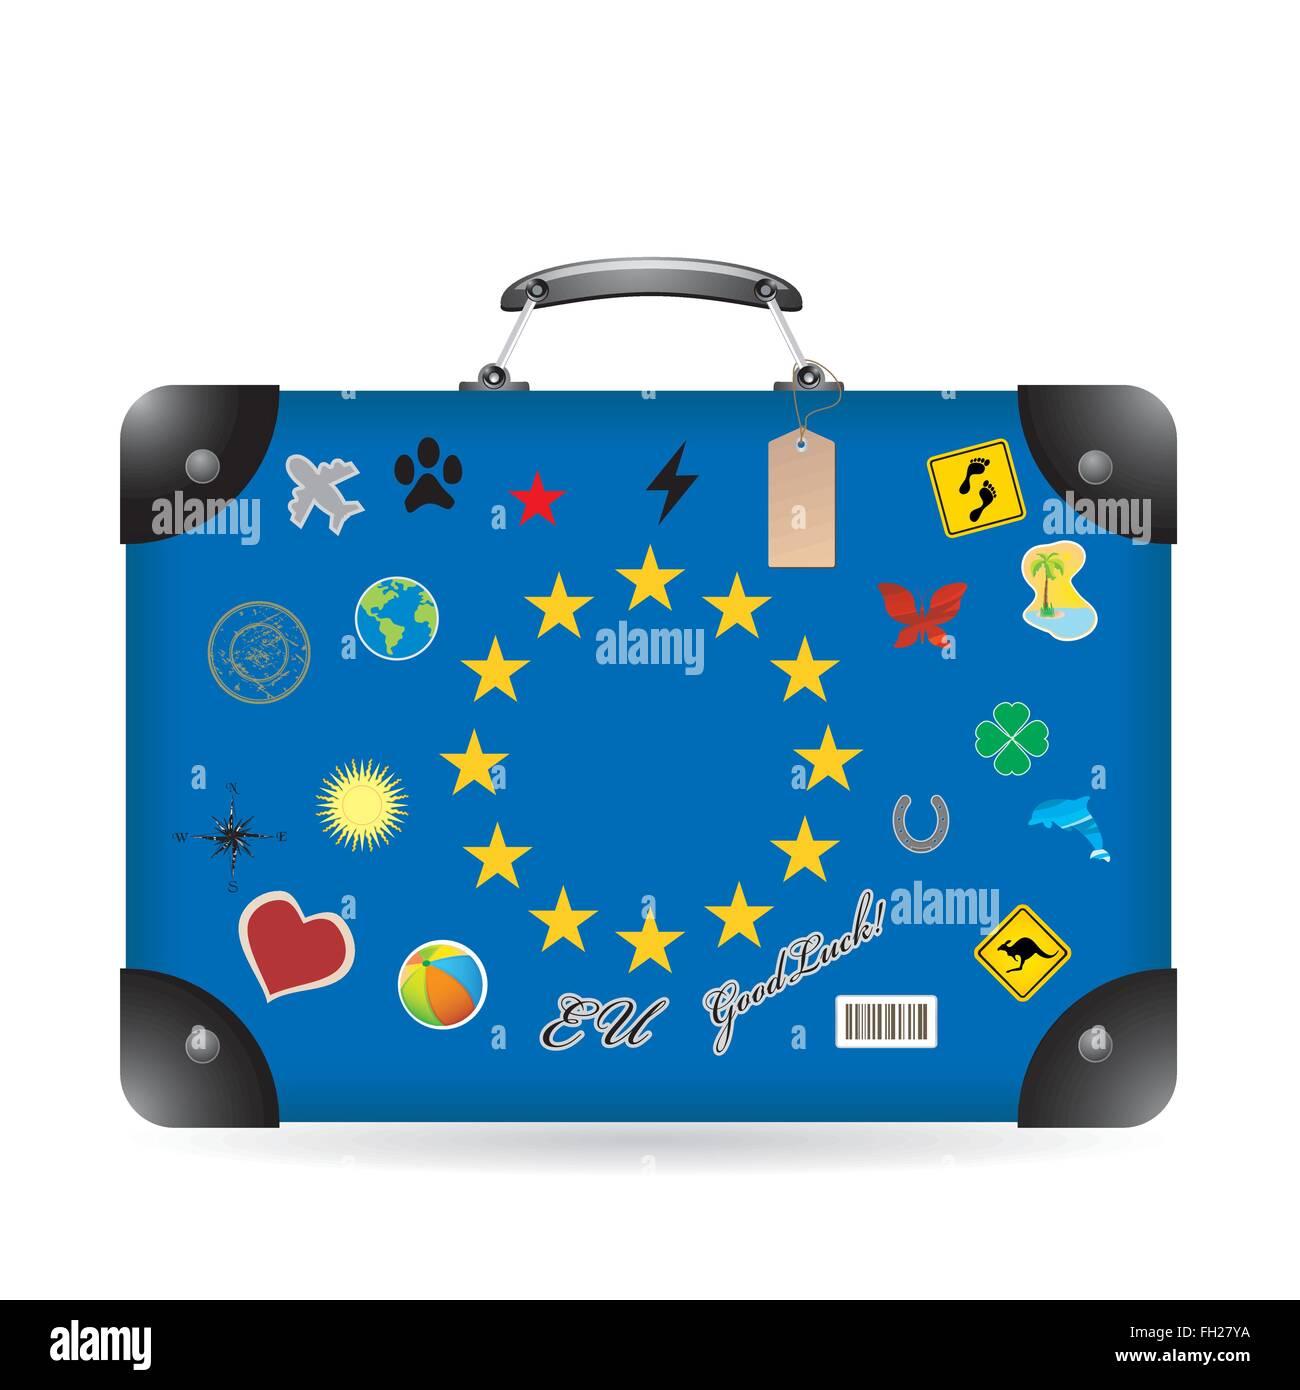 Europa flag on bag - Stock Image